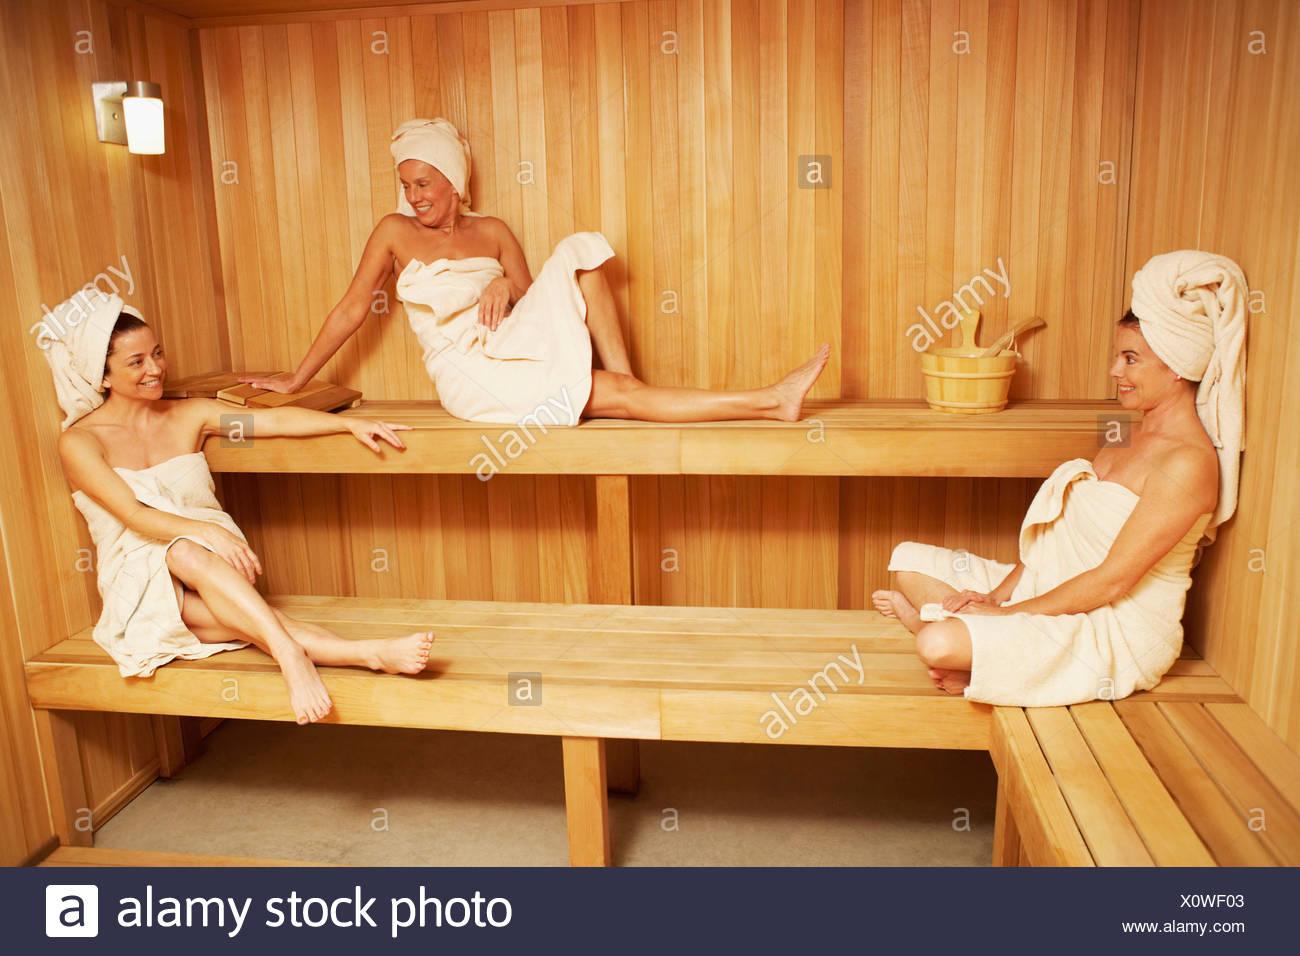 In mature sauna